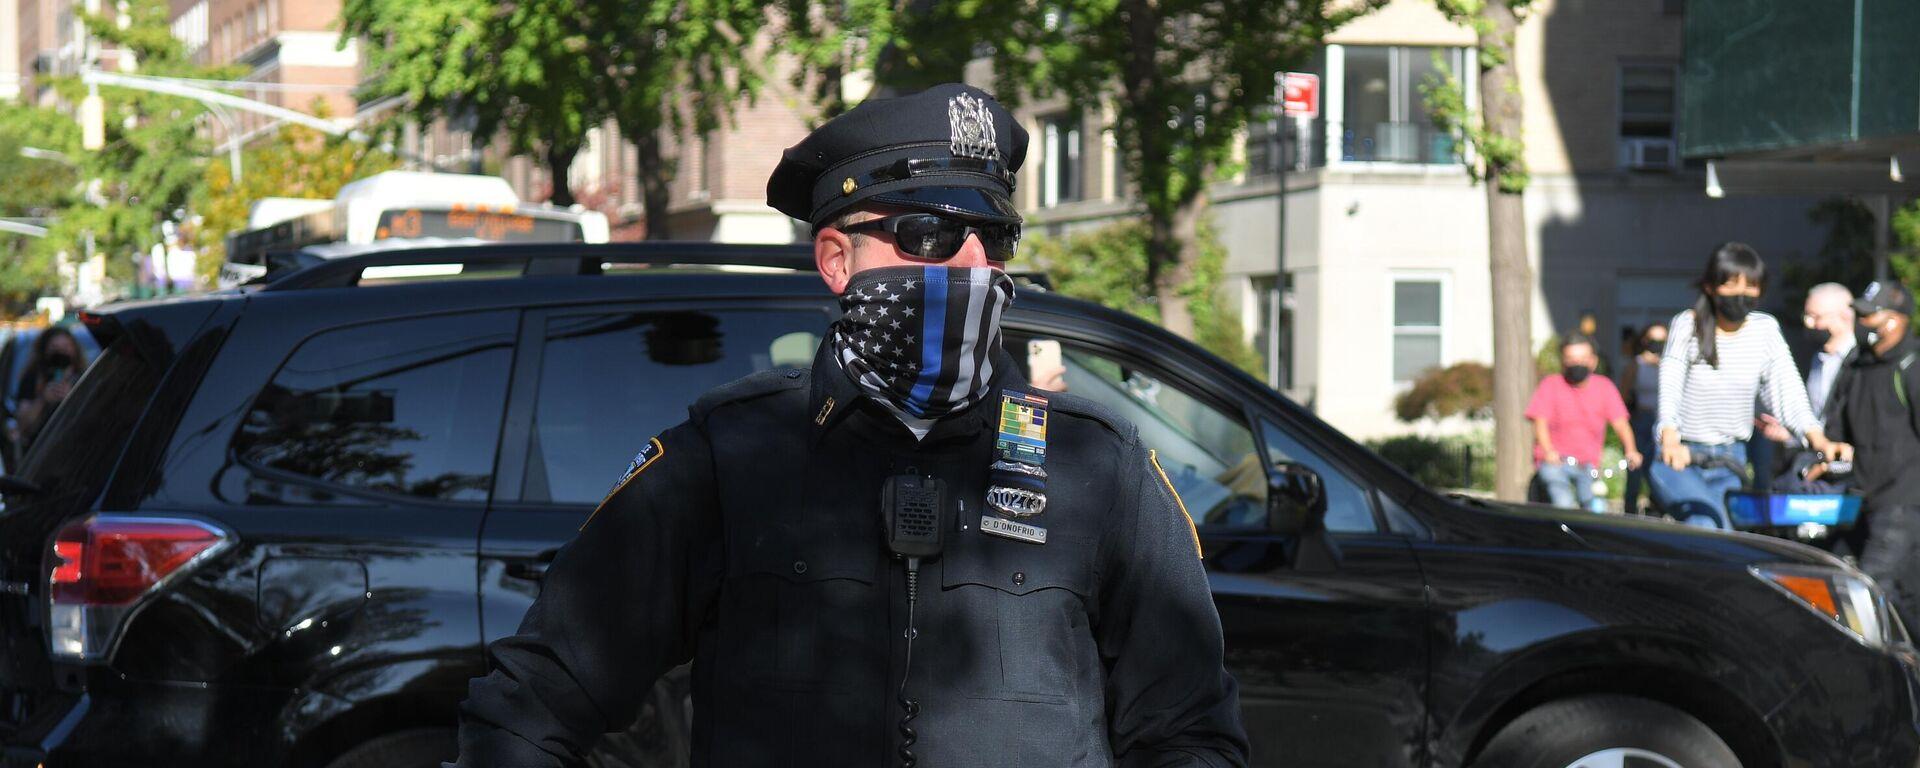 US-Polizei - SNA, 1920, 29.12.2020